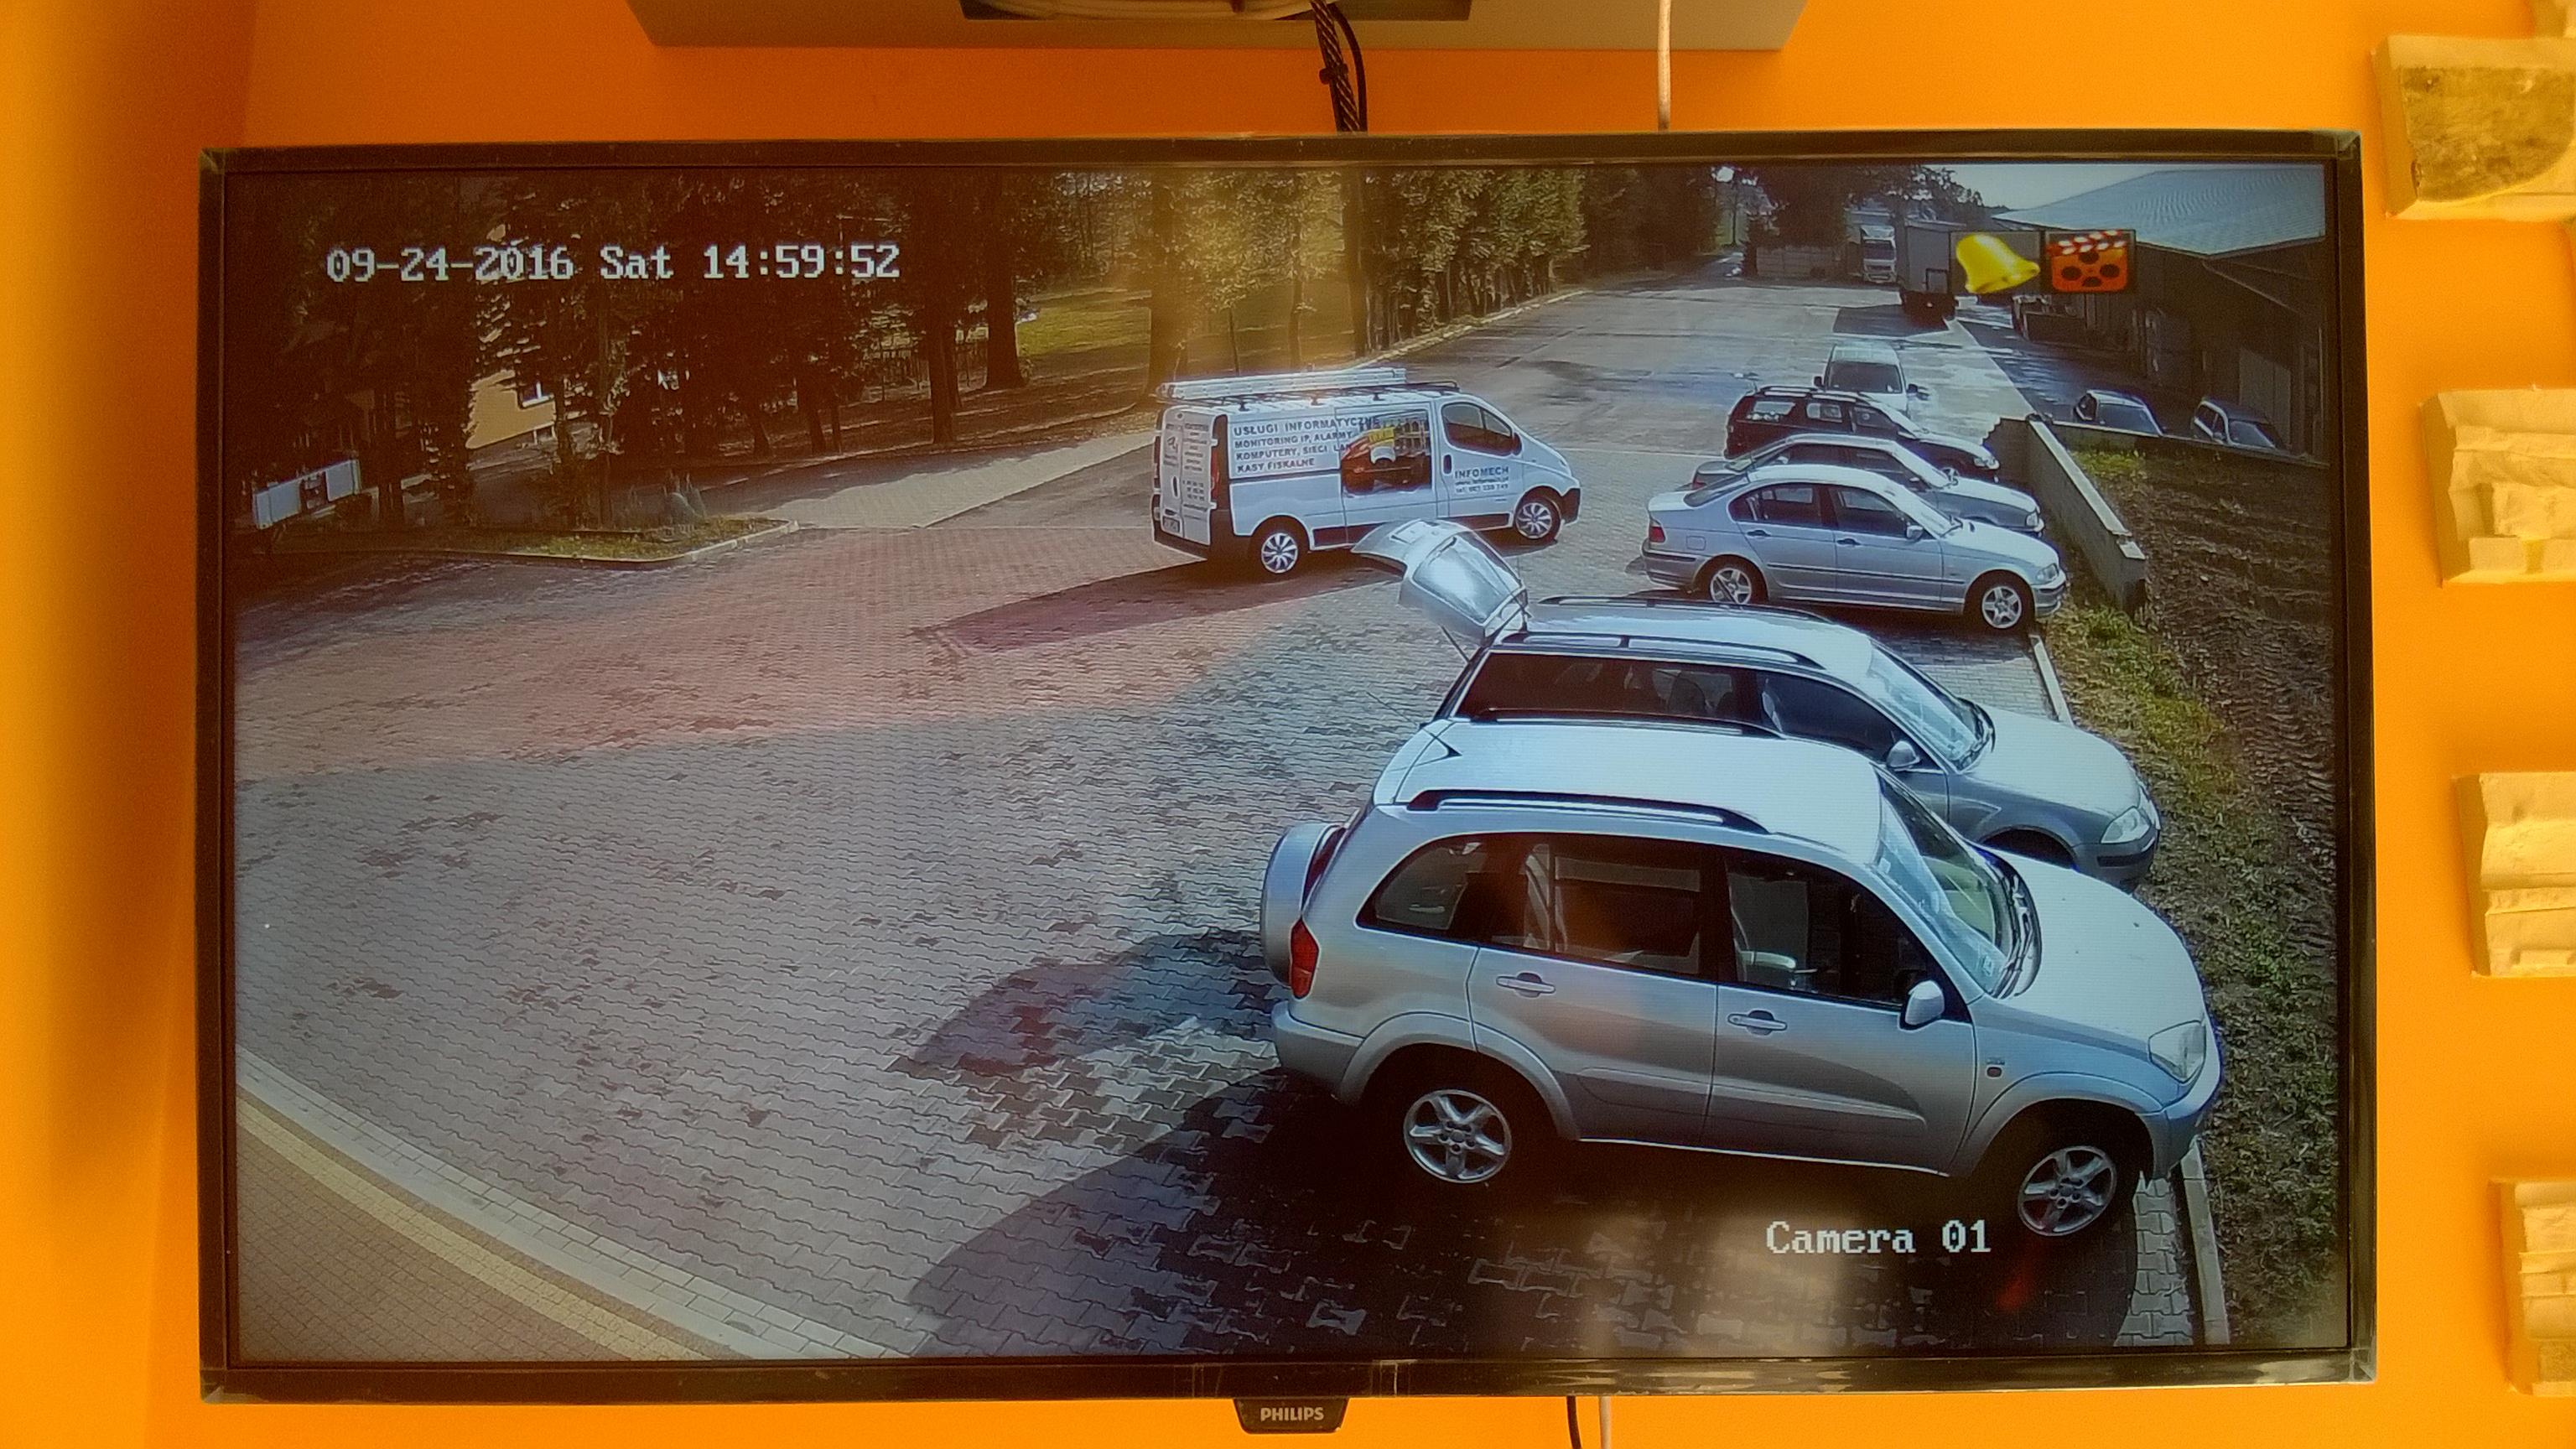 monitoring-bilgoraj-monitoring-zamosc-monitoring-krasnik-monitoring-janow-lubelski-monitoring-gospodarstwa-rolnego-monitoring-chelm-monitoring-lezajsk-21-infomech-monitoring-wizyjny-systemy-zabezpie